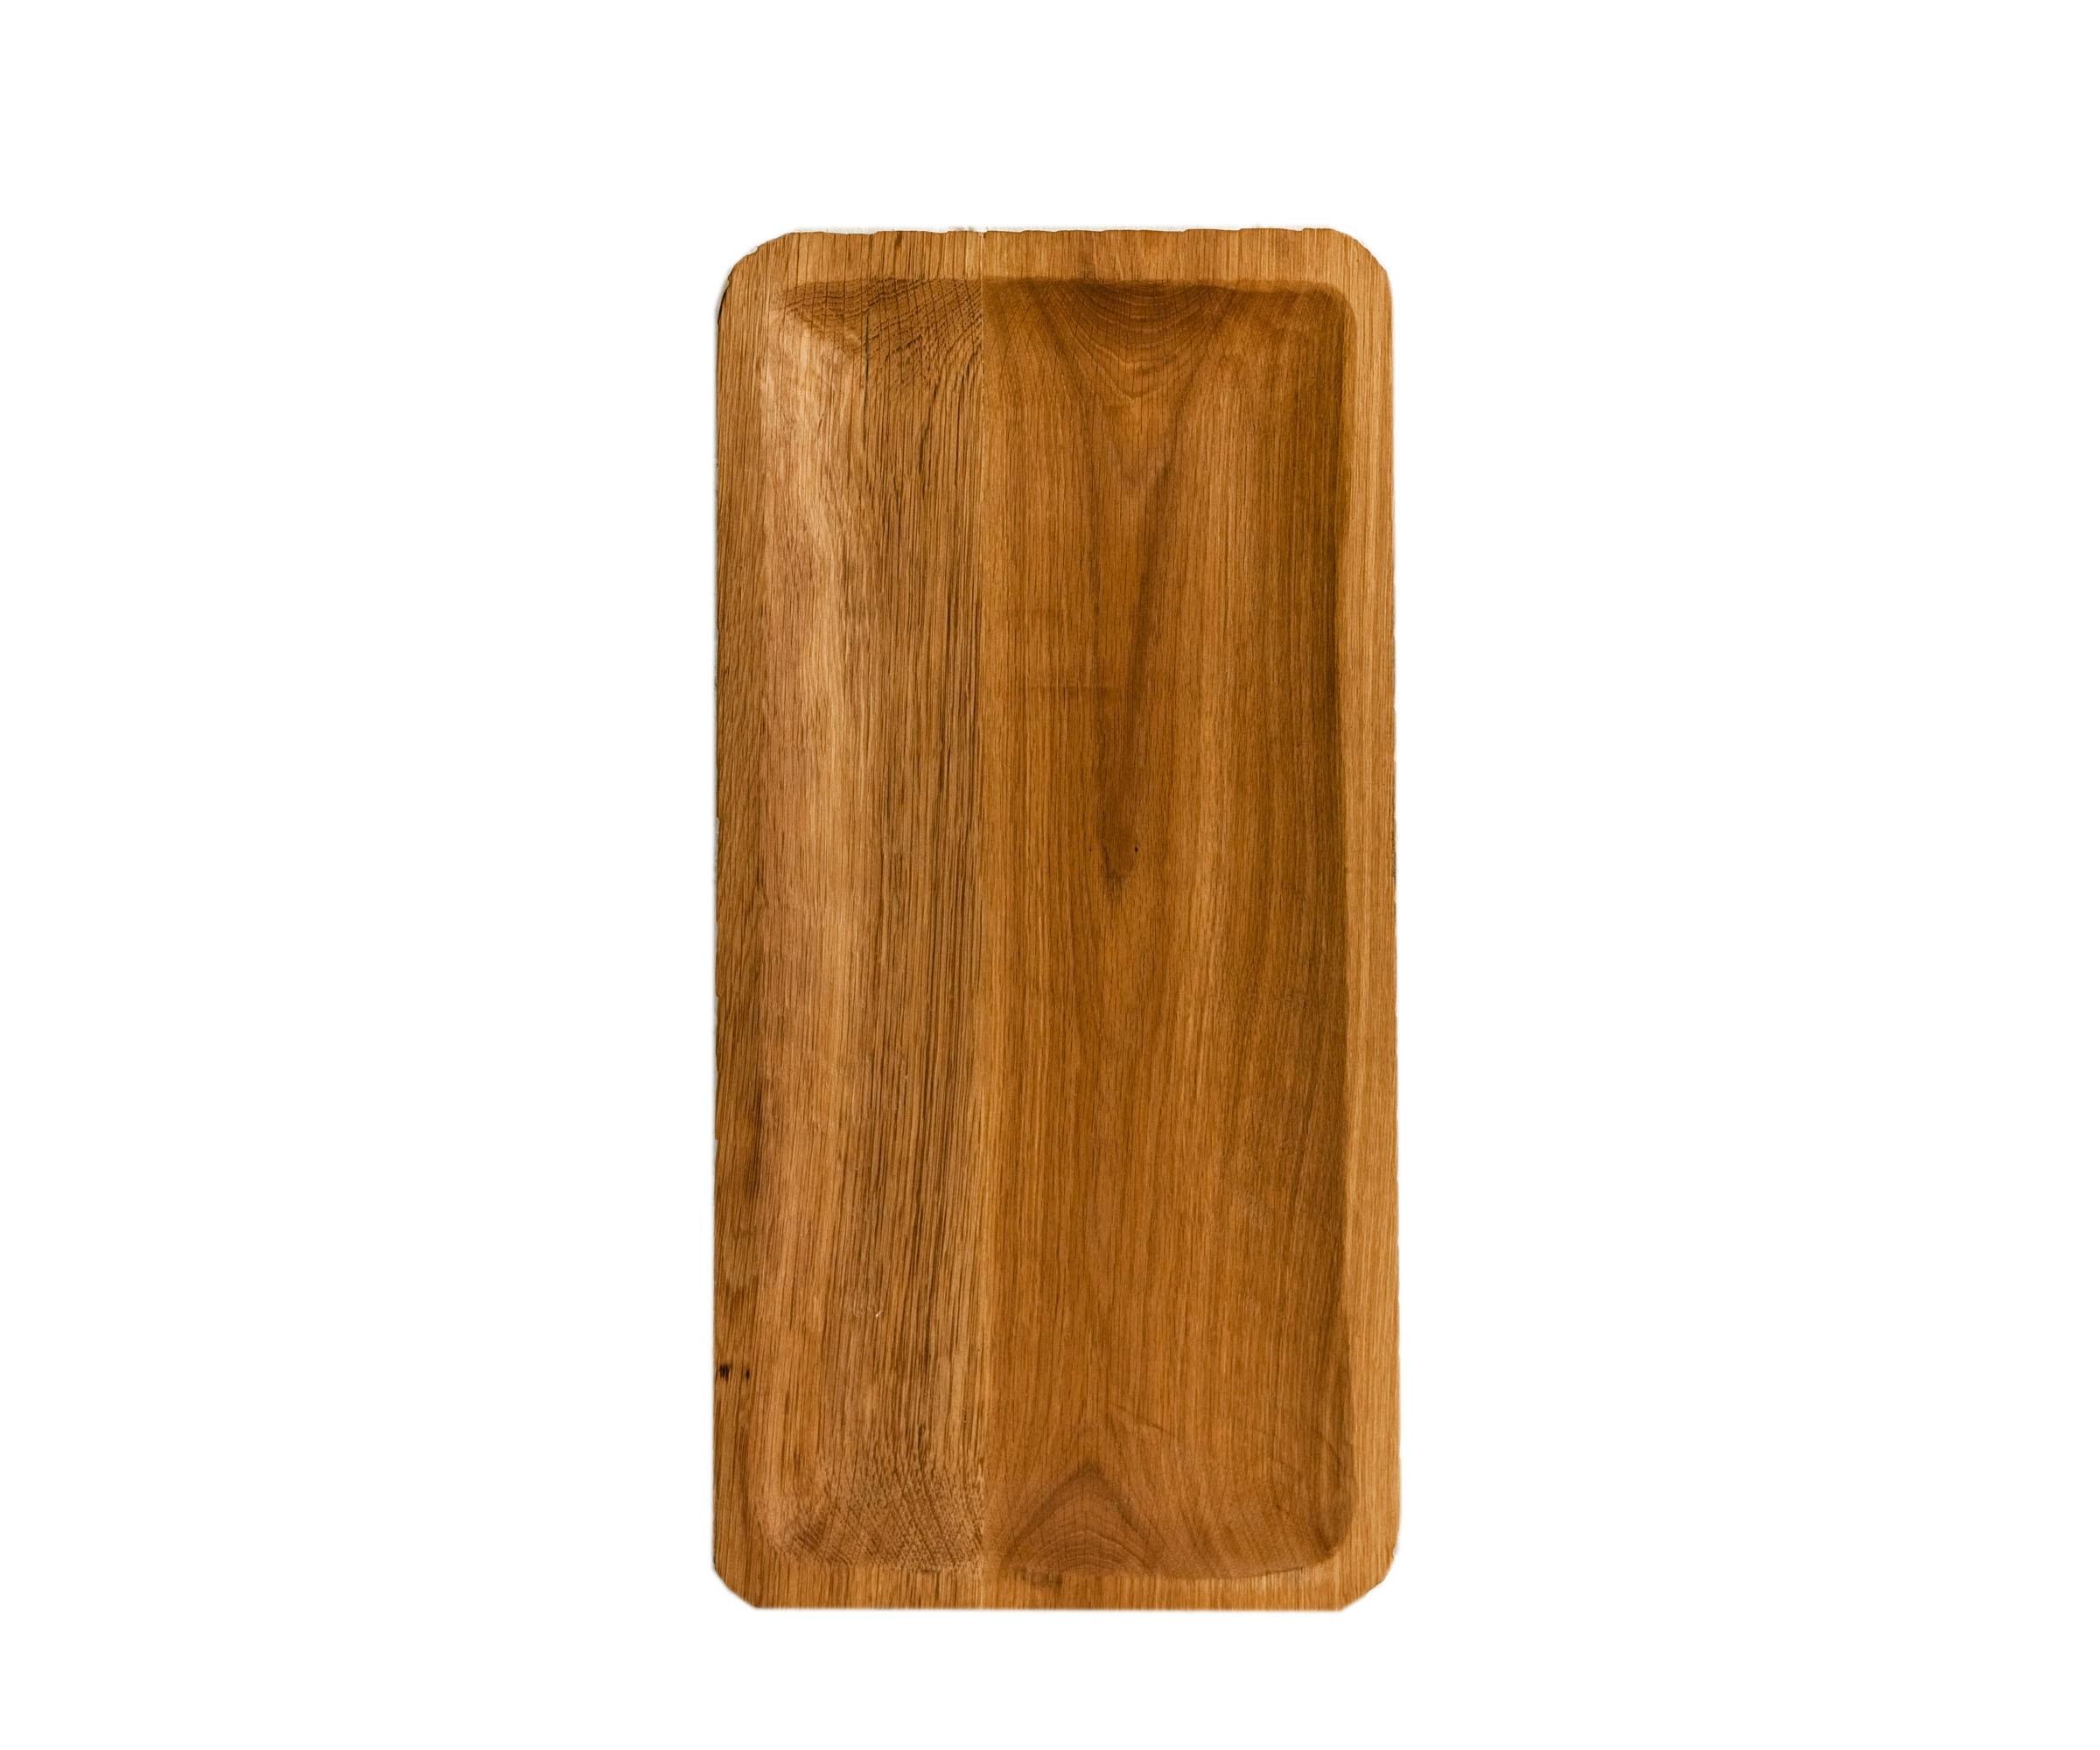 ПодносДекоративные подносы<br>Поднос служит большим сервировочным блюдом или крупным предметом-акцентом в декоре стола. Его можно использовать как полку или столешницу, а несколько подносов, поставленных друг на друга, составляют журнальный столик или тумбу. Сделан вручную. Покрытие: льняное масло. При необходимости можно обновлять покрытие, протерев поверхность тряпочкой, смоченной льняным маслом. После влажной обработки его нужно протирать полотенцем. Из-за специфики ручного труда все предметы отличаются друг от друга.<br><br>Material: Дуб<br>Length см: 80<br>Width см: 40<br>Depth см: None<br>Height см: 1,5